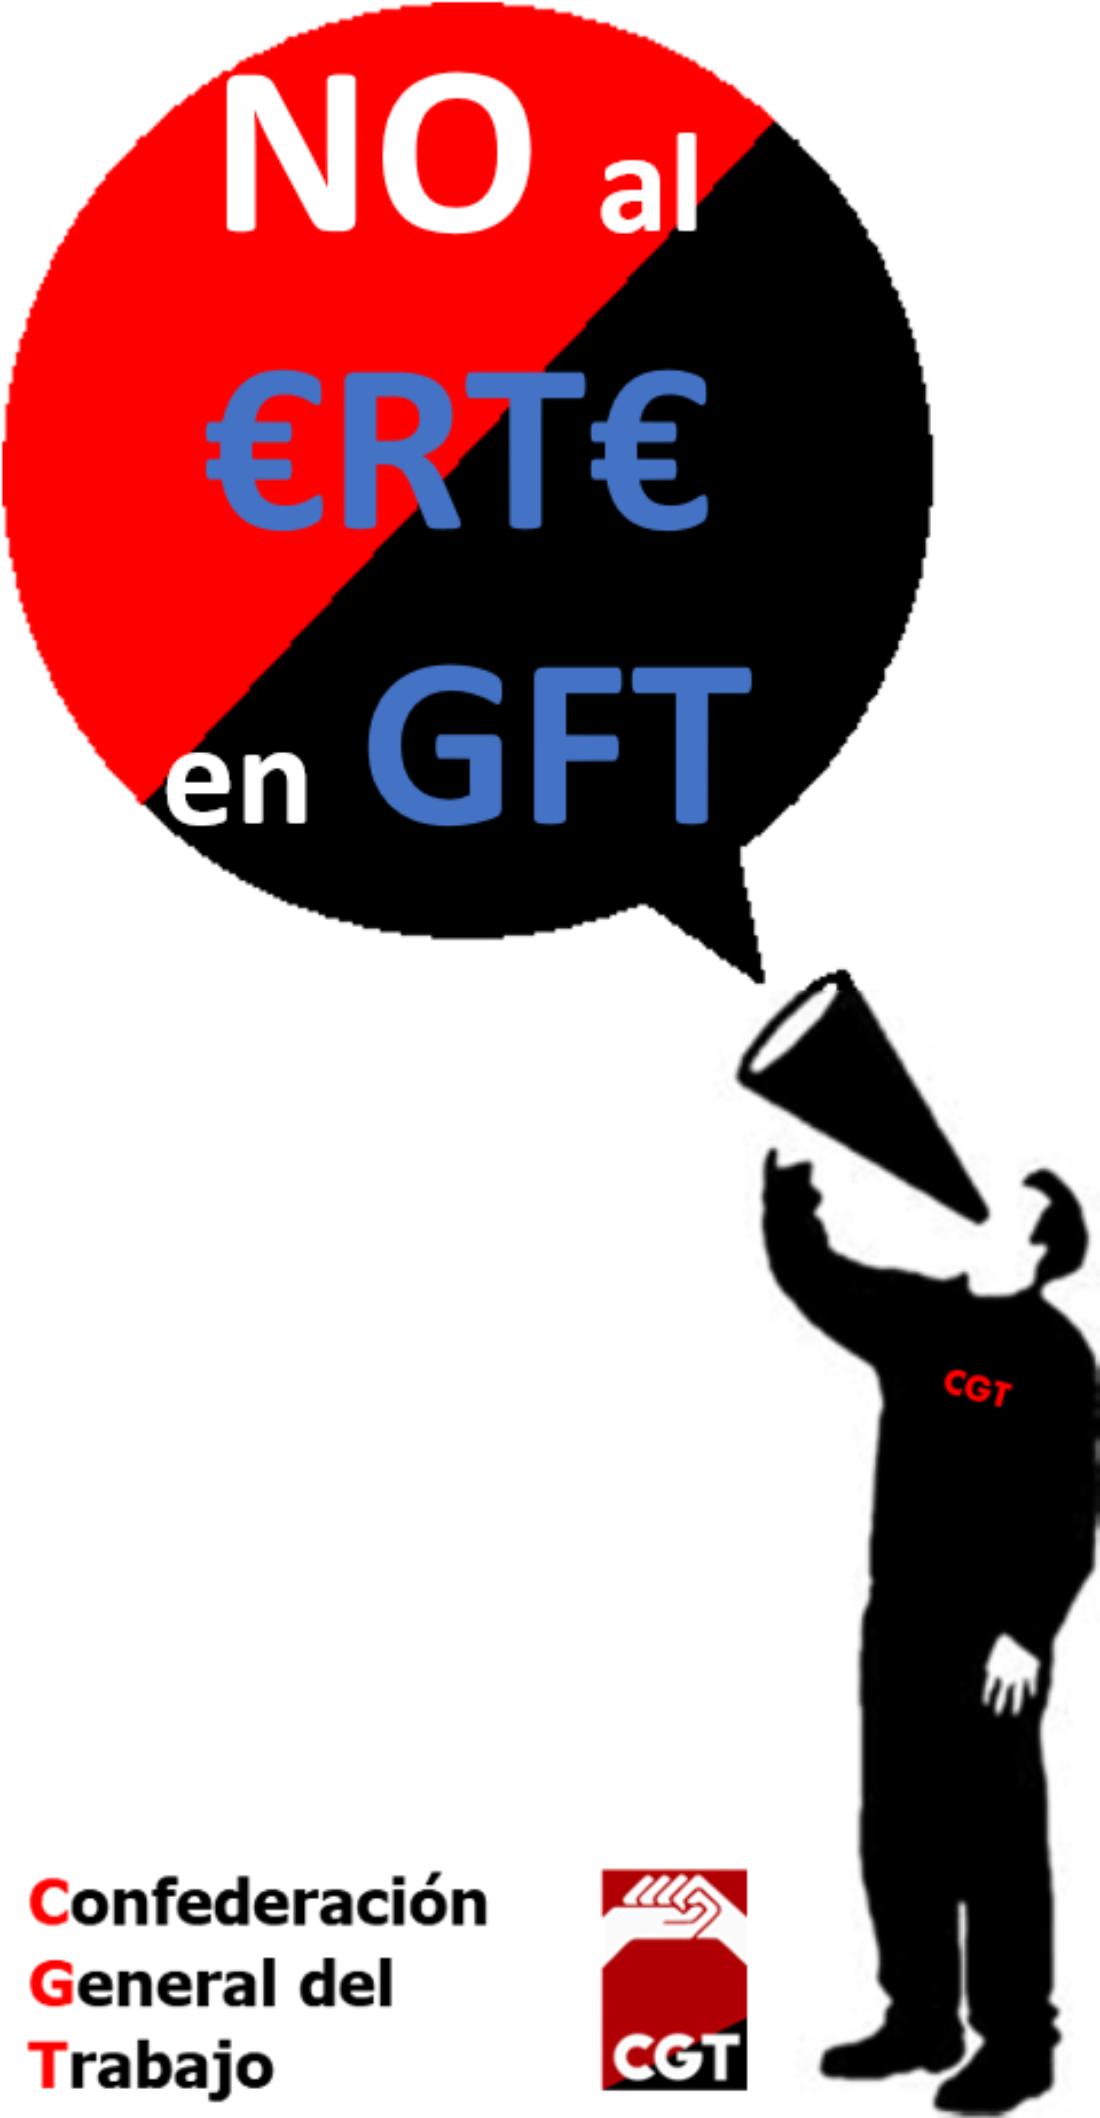 Desde CGT decimos NO al ERTE en GFT